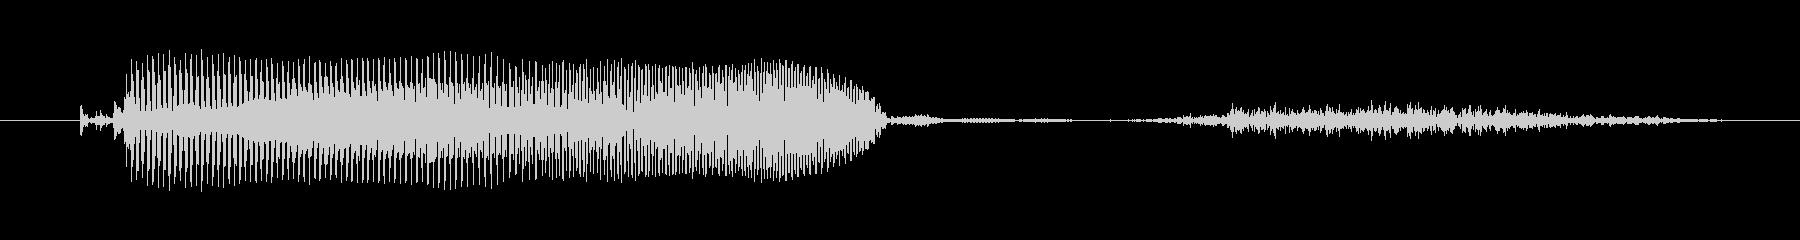 リトルレッドモンスター:Hの未再生の波形